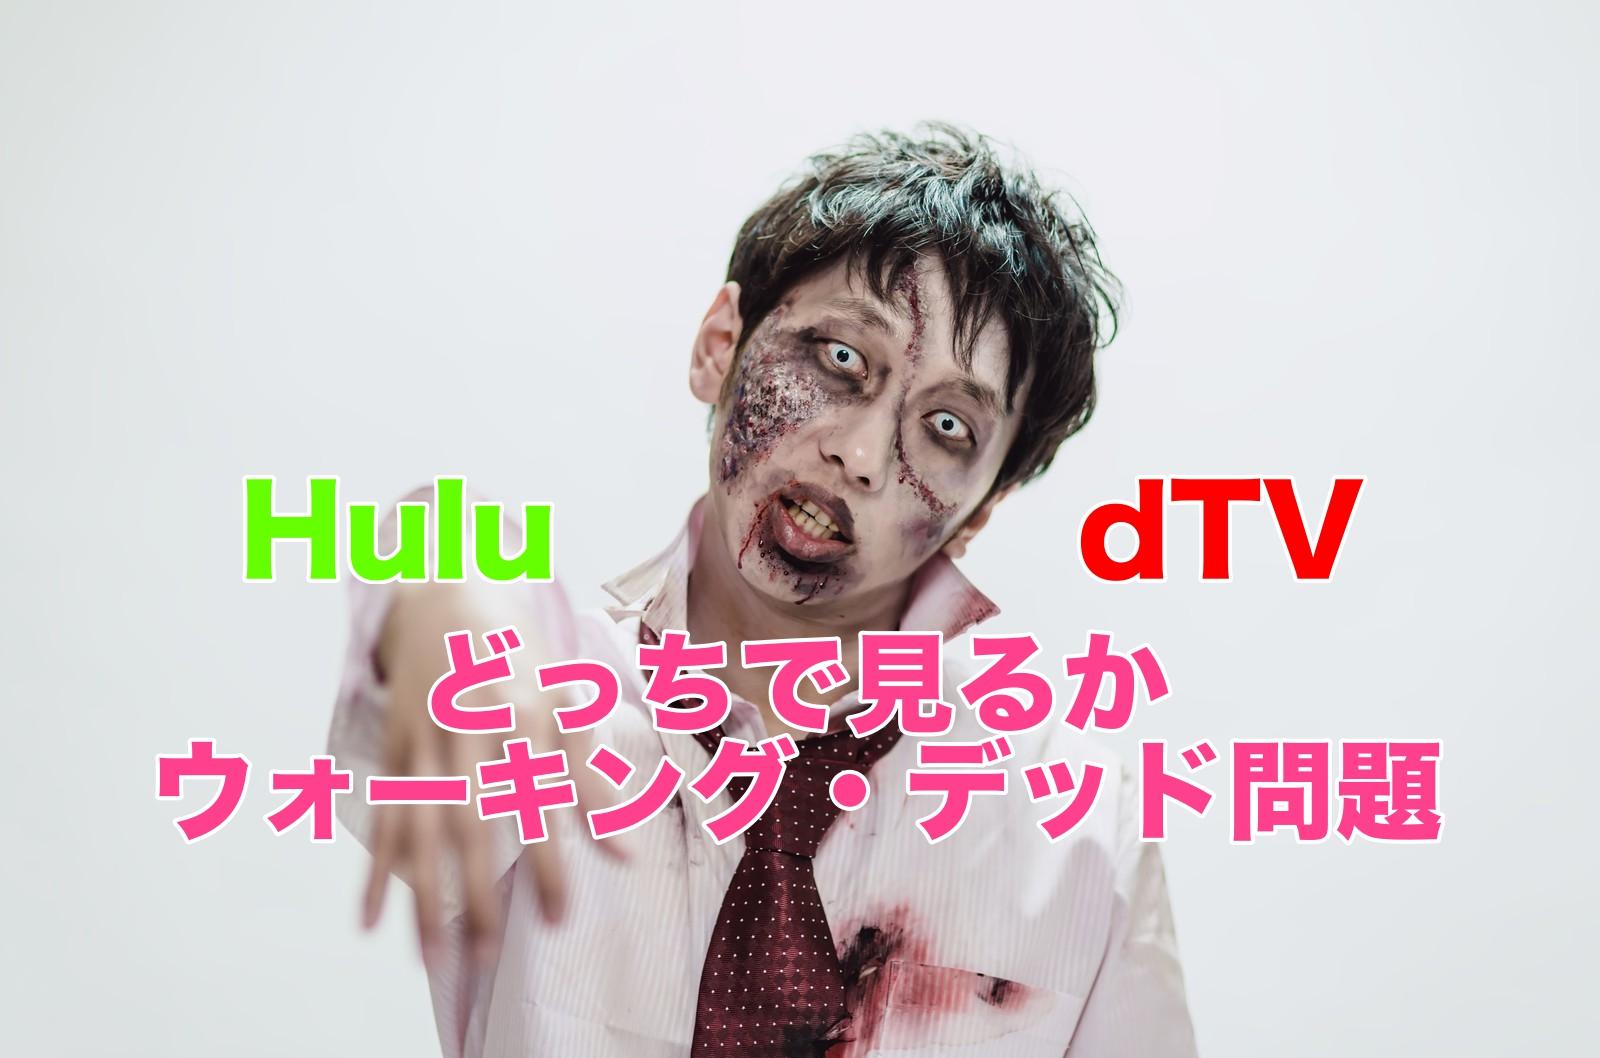 ウォーキング・デッド シーズン7全話配信決定HuluとdTVどっちで見るのが正解?